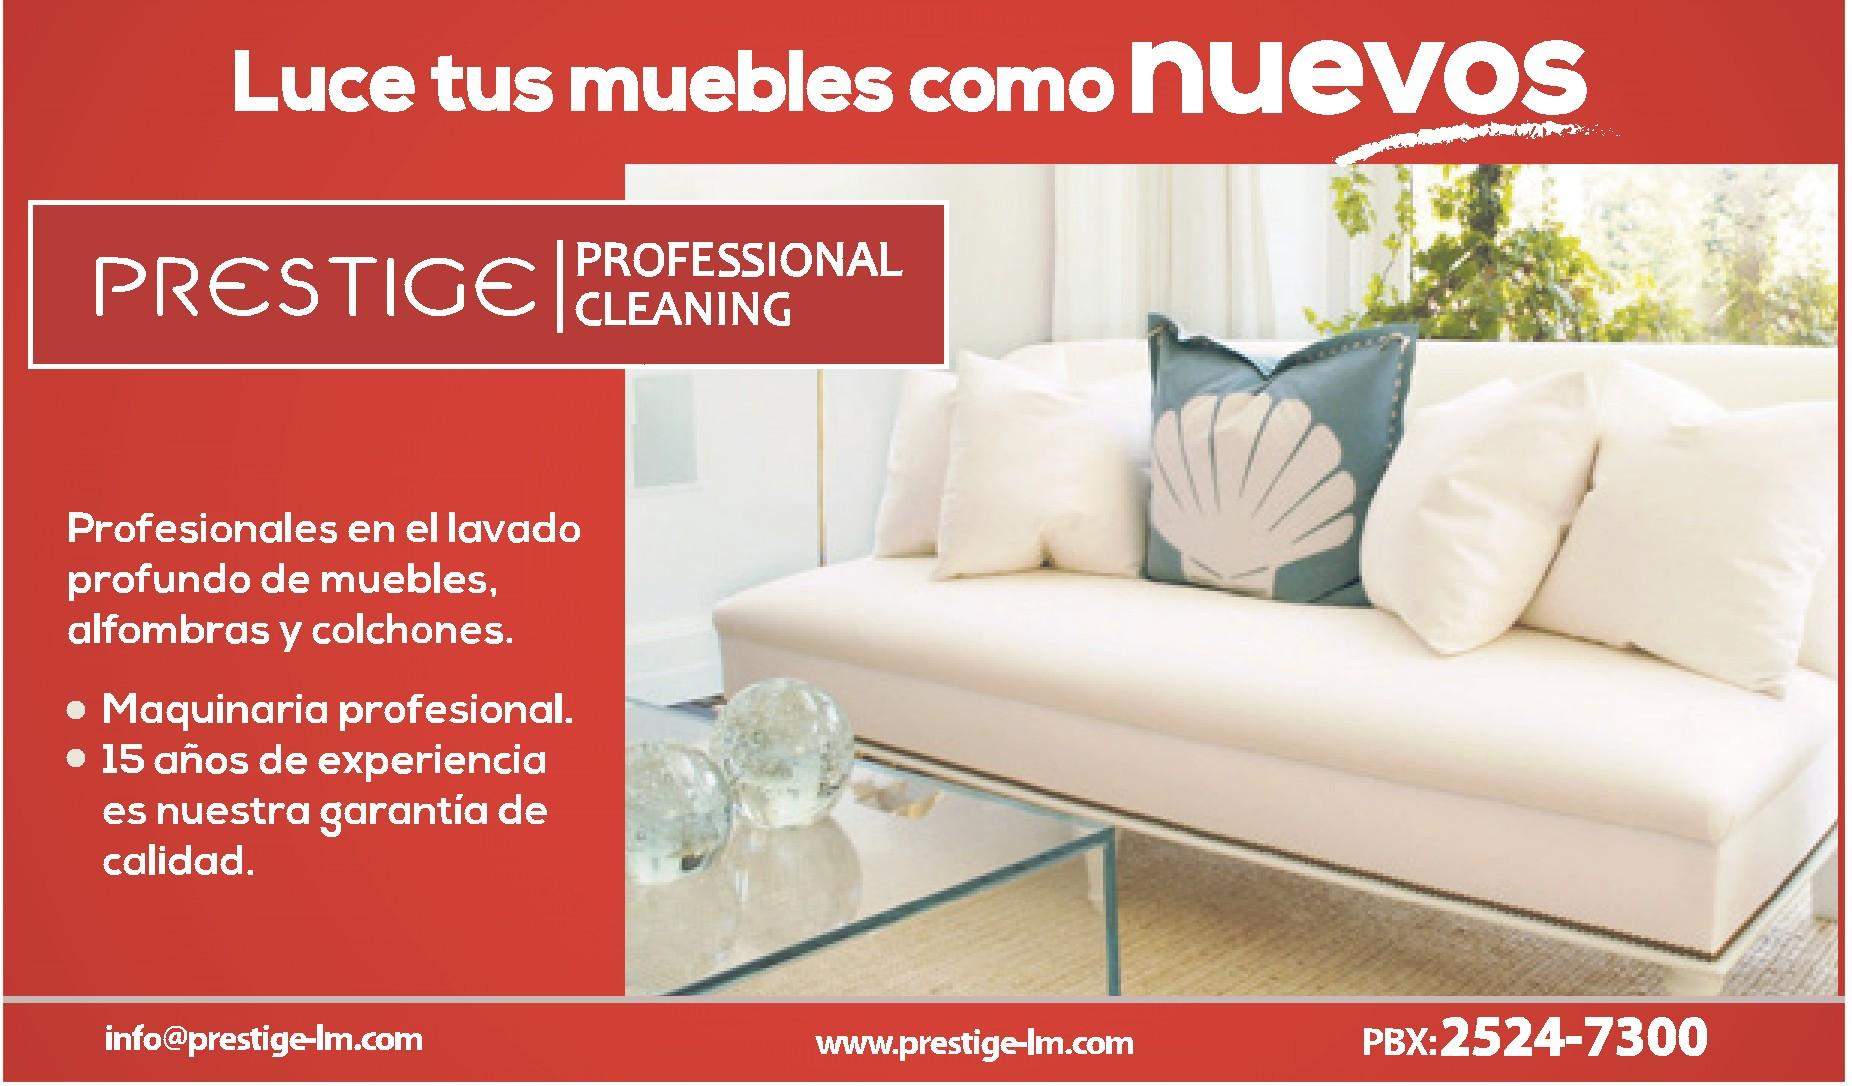 Limpieza de muebles prestige 02ene14 ofertas ahora for Limpieza de muebles